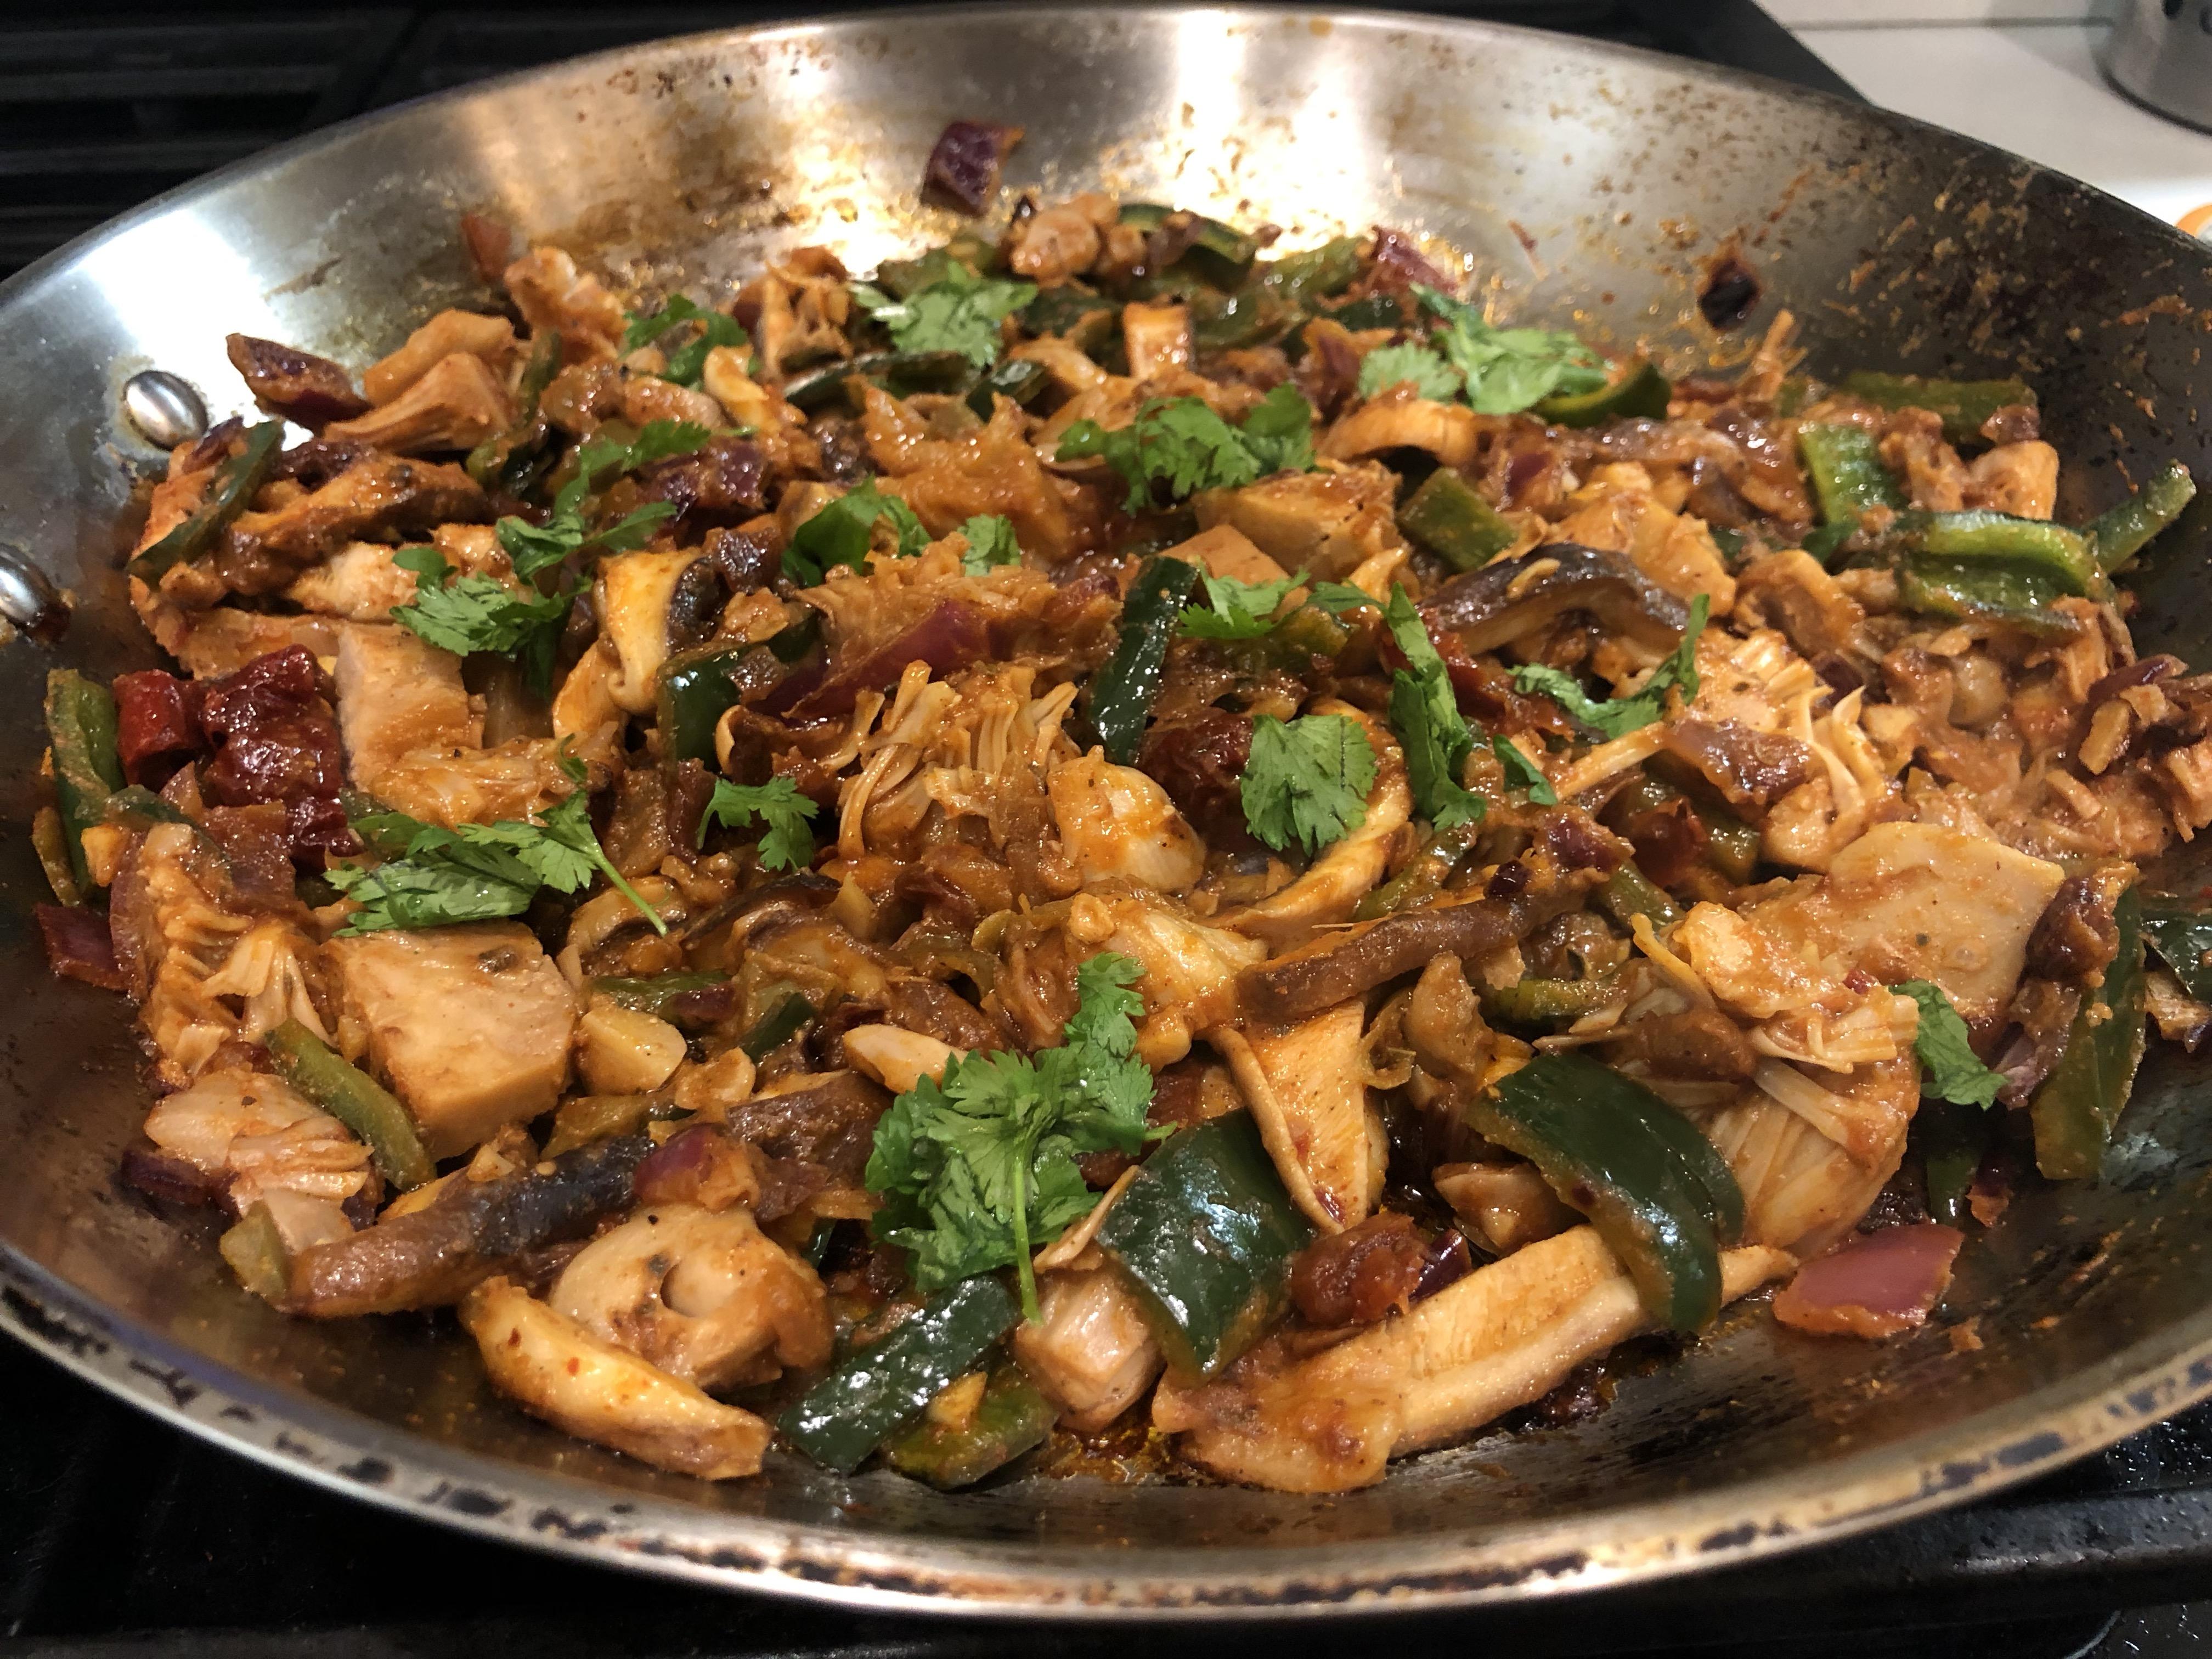 Beautiful jackfruit fajitas in the frying pan